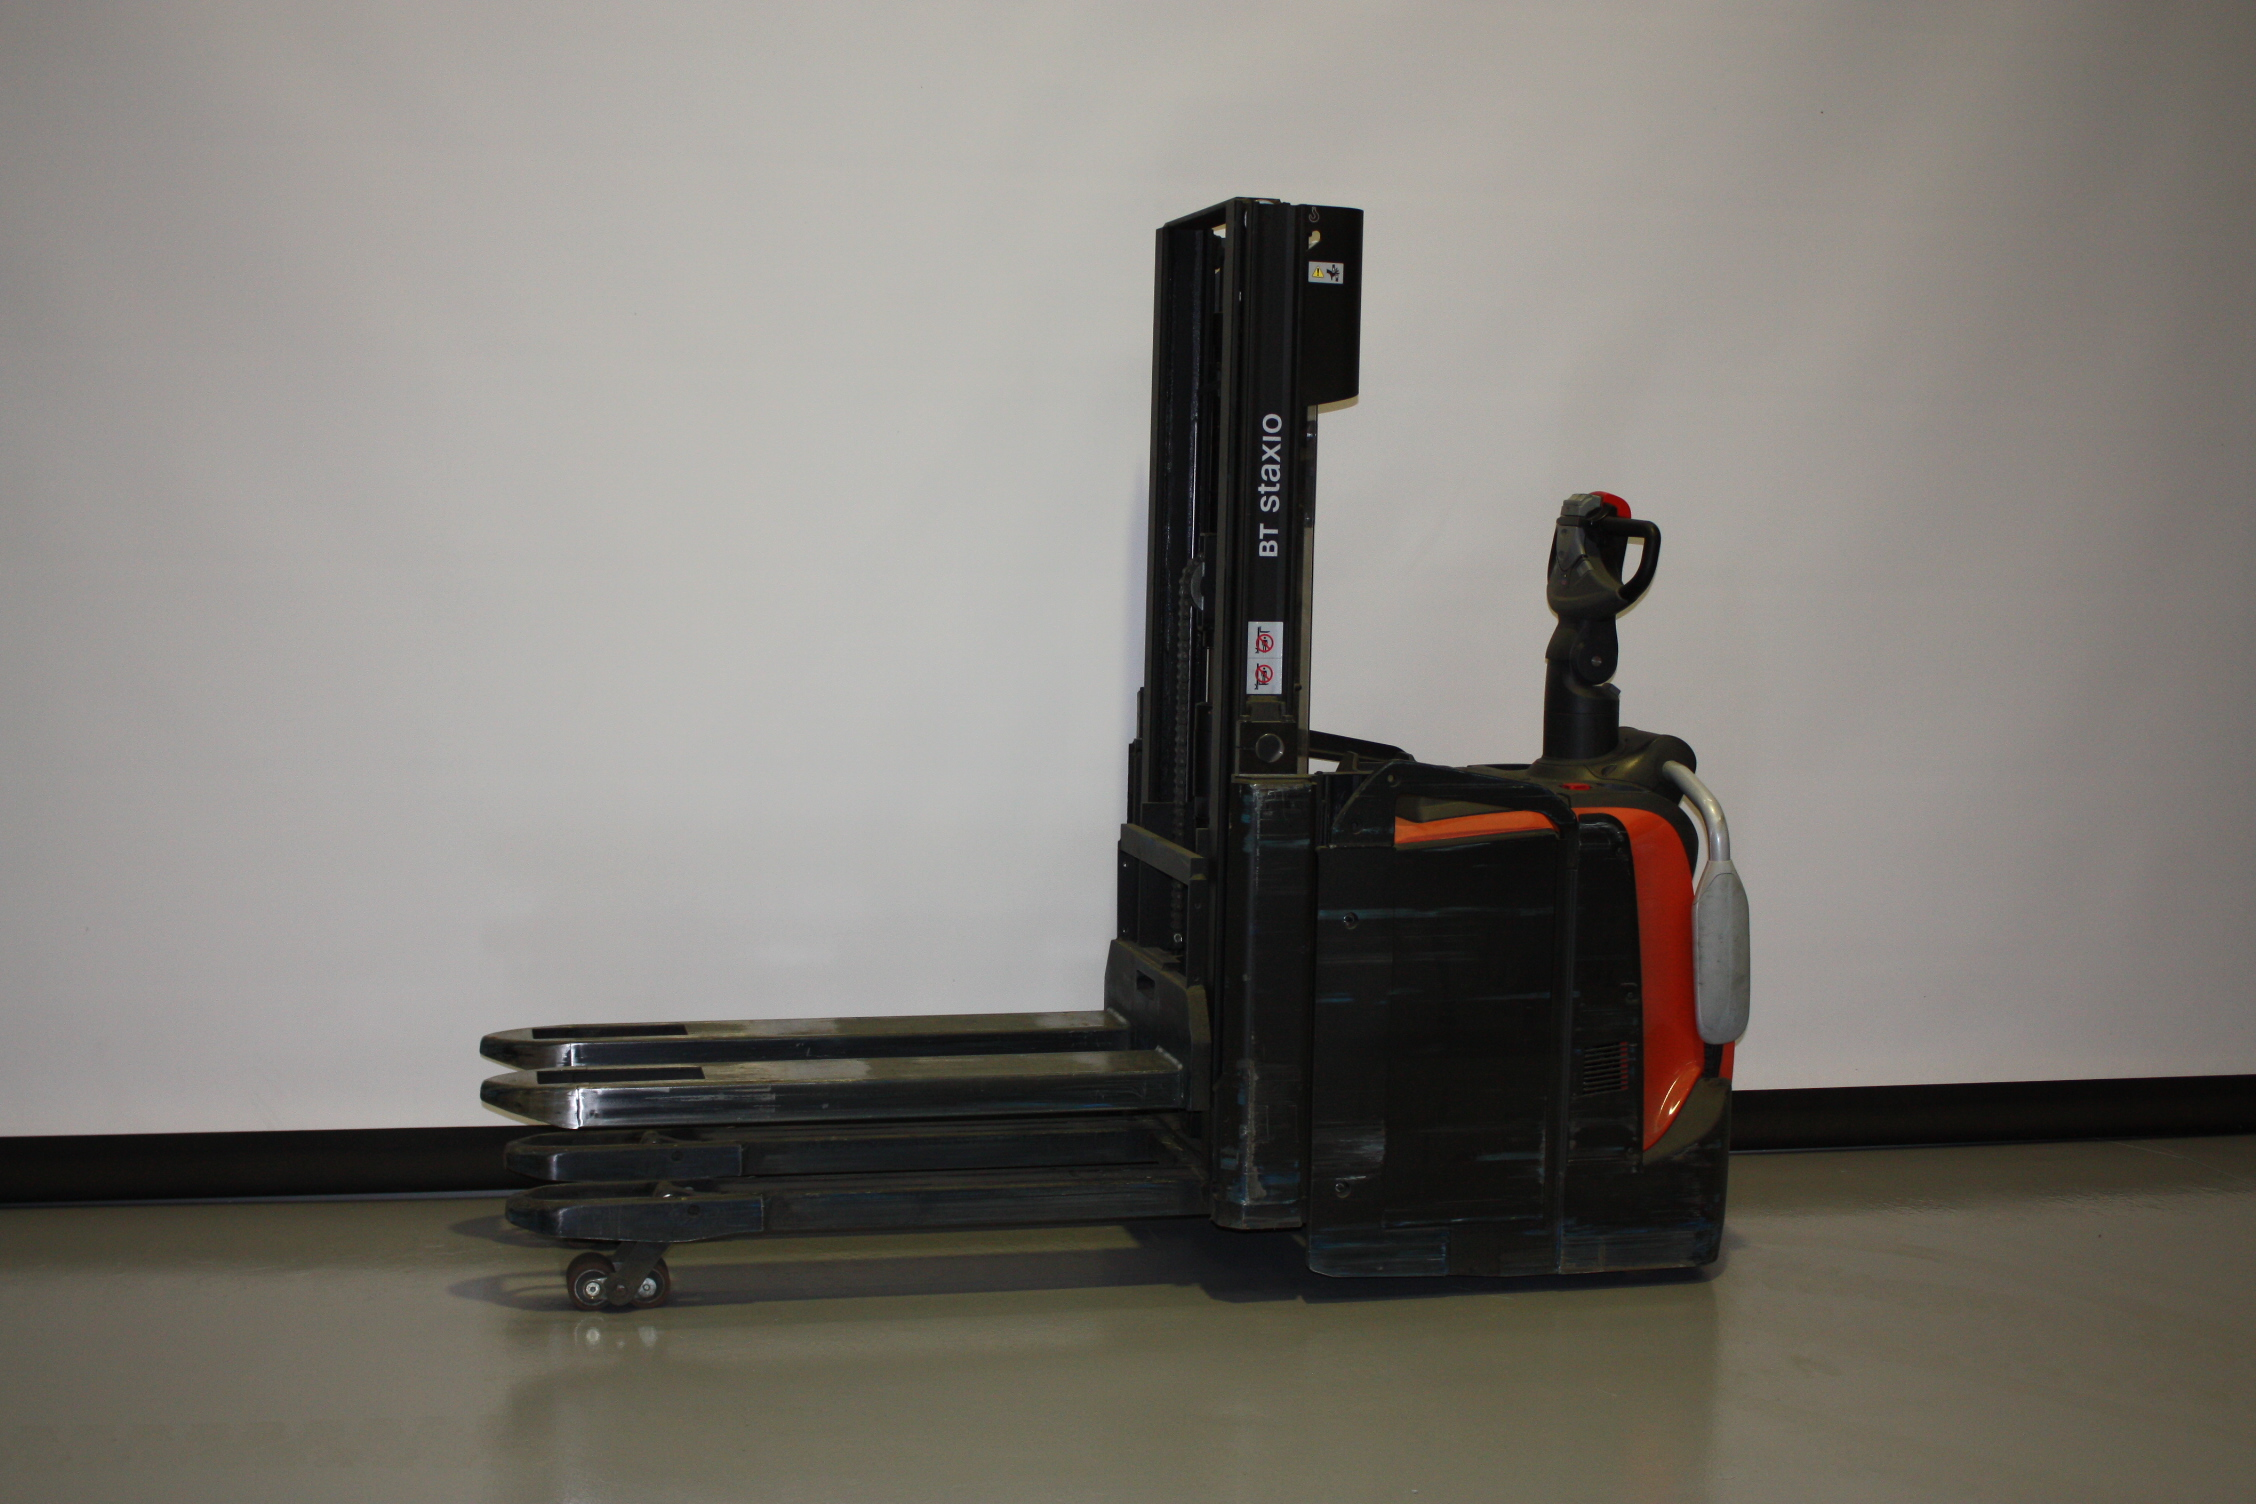 Toyota-Gabelstapler-59840 1909033144 1 9